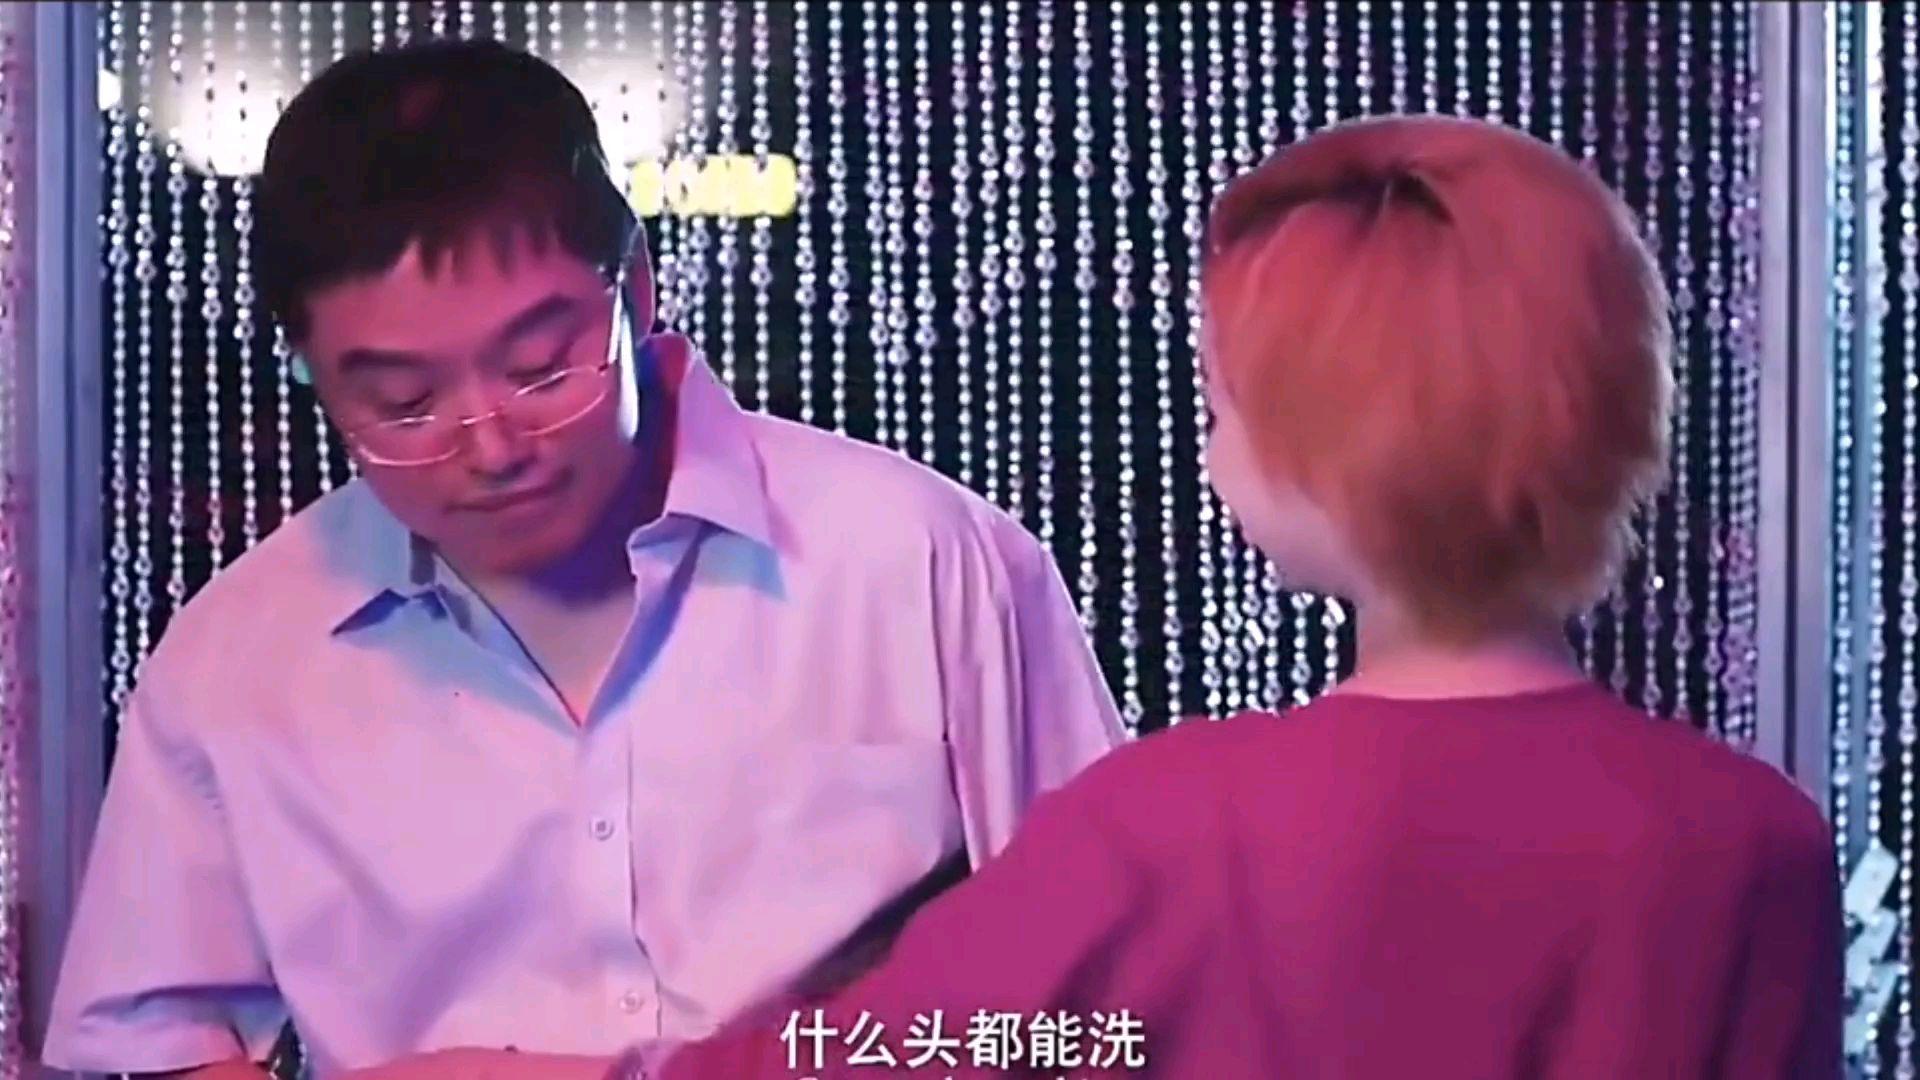 【正道的光】大哥带你洗头去吗?只要80哟!